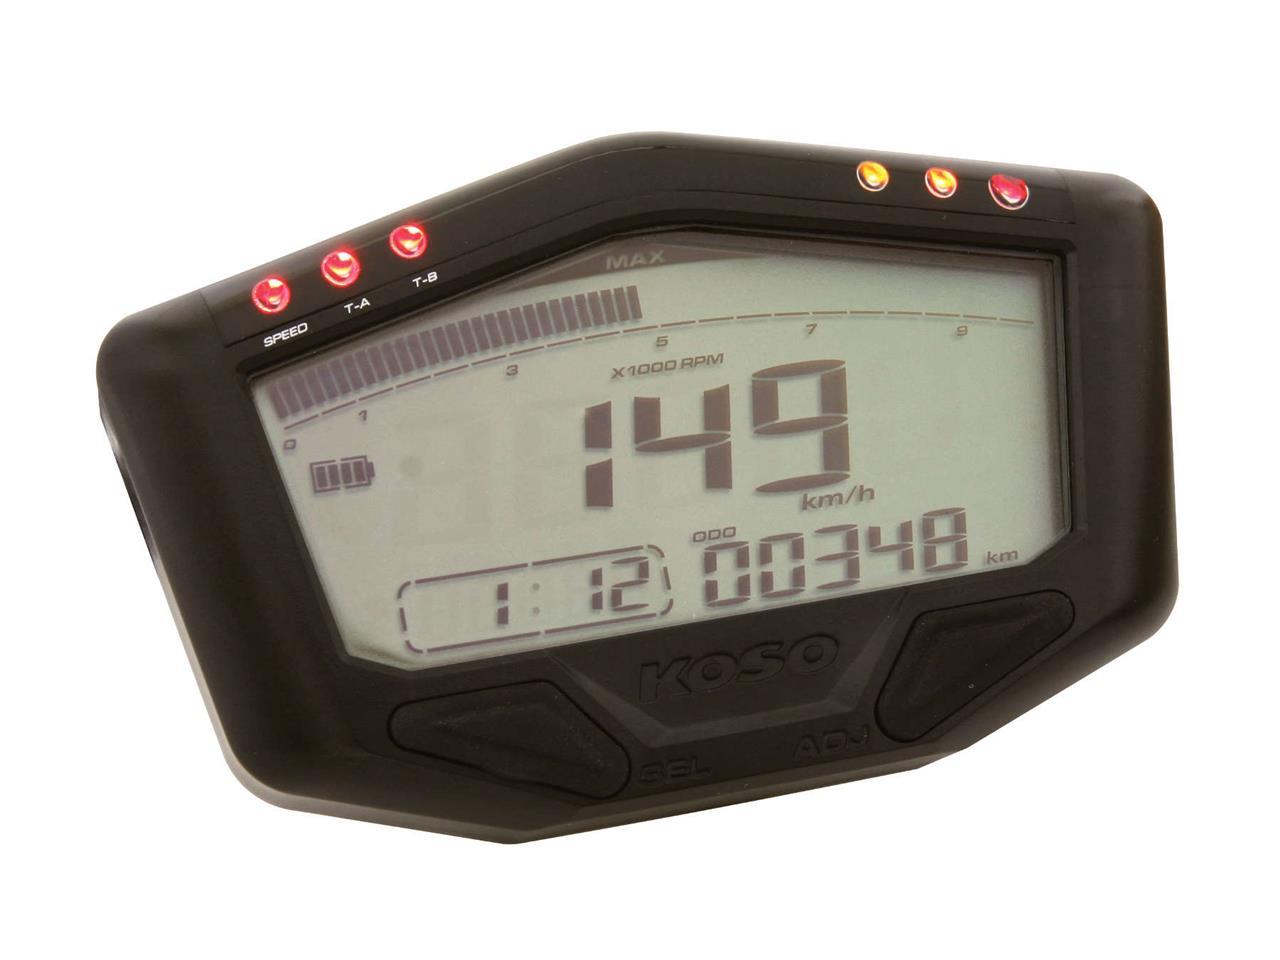 Compteur de vitesse multifonctions KOSO DB-02 - Montage universel (noir)